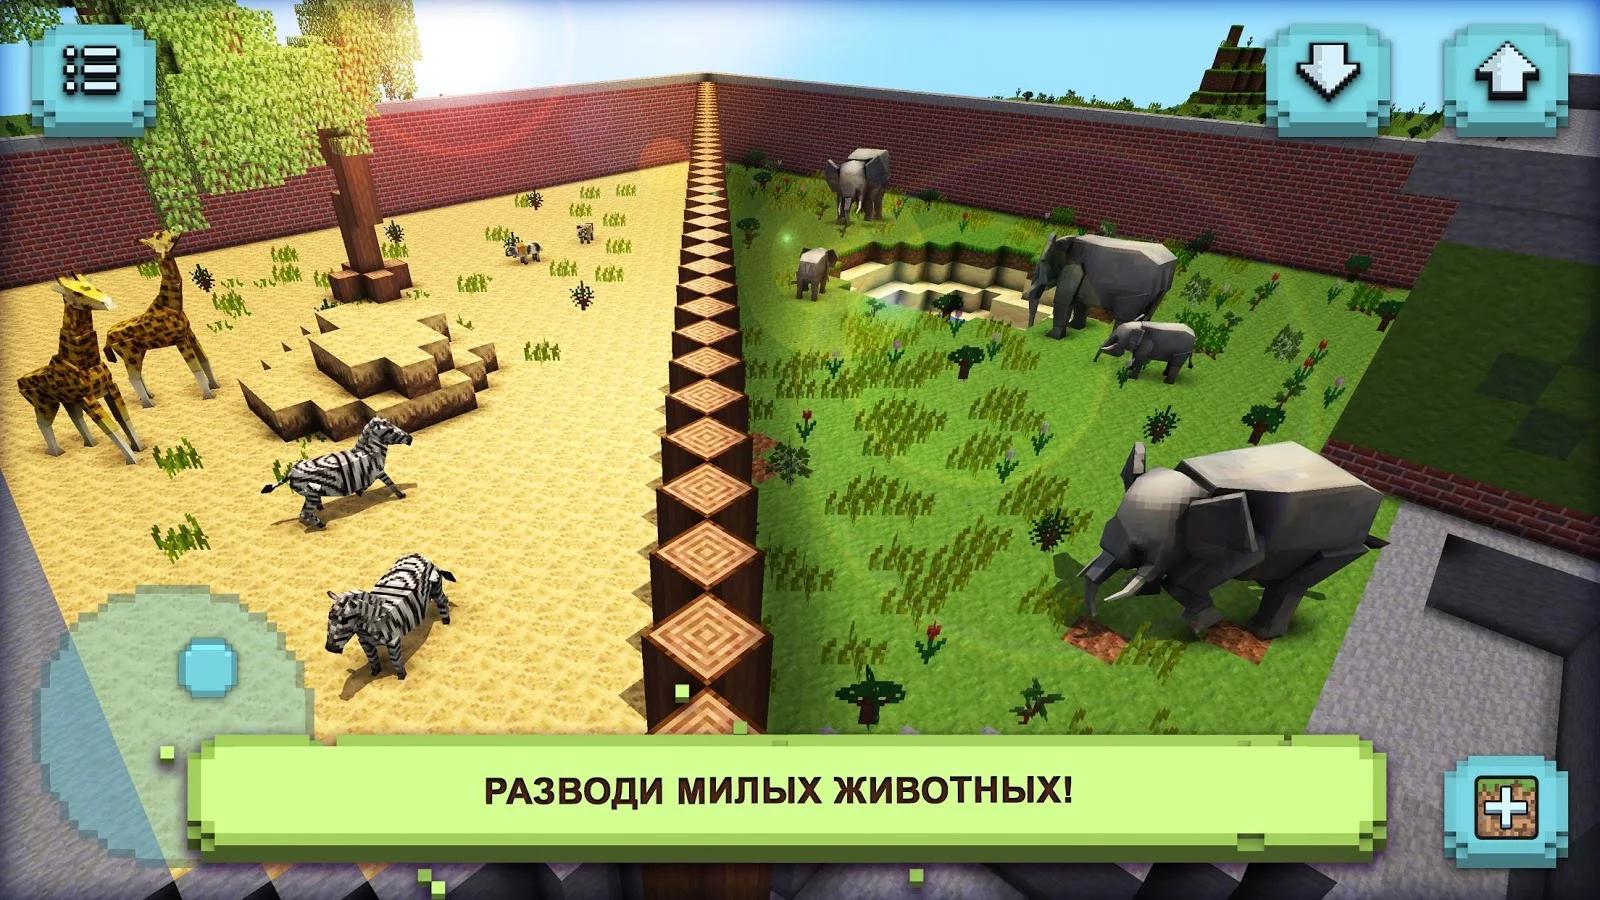 Игра зоопарк и ферма для детей онлайн для детей 3-4-5-6-7 лет бесплатно